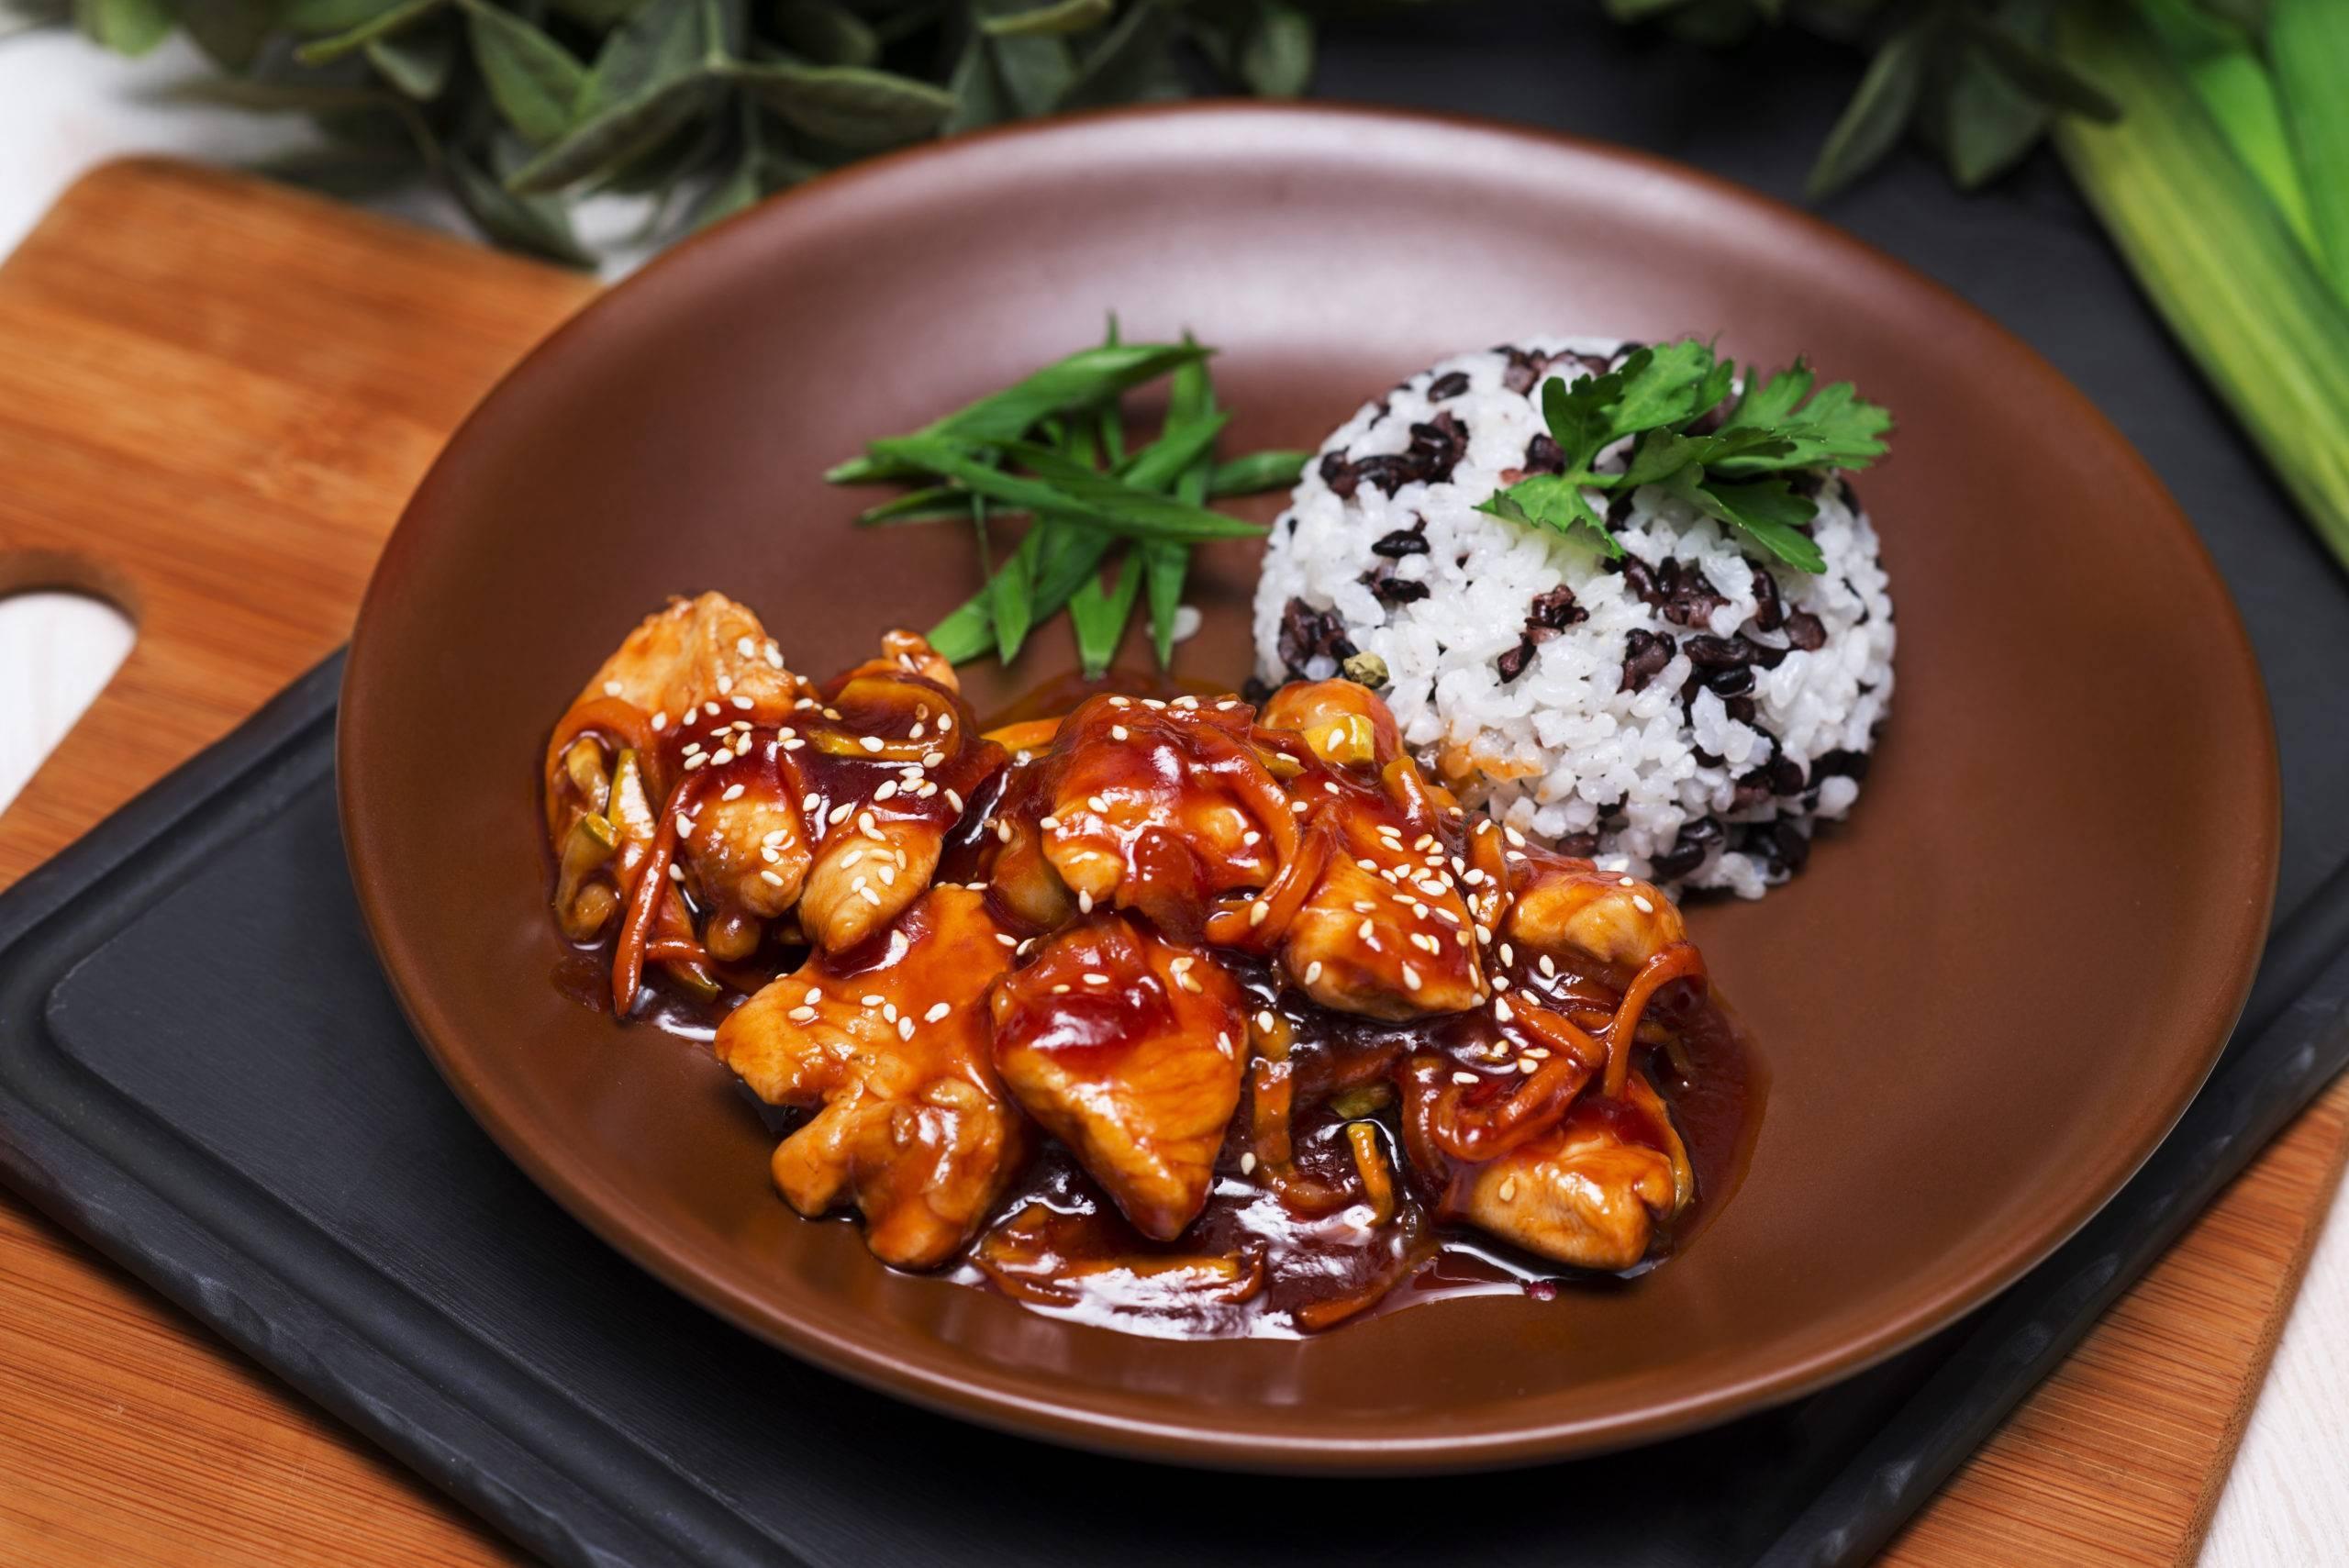 Курица с арахисом: по-китайски, в соусе терияке